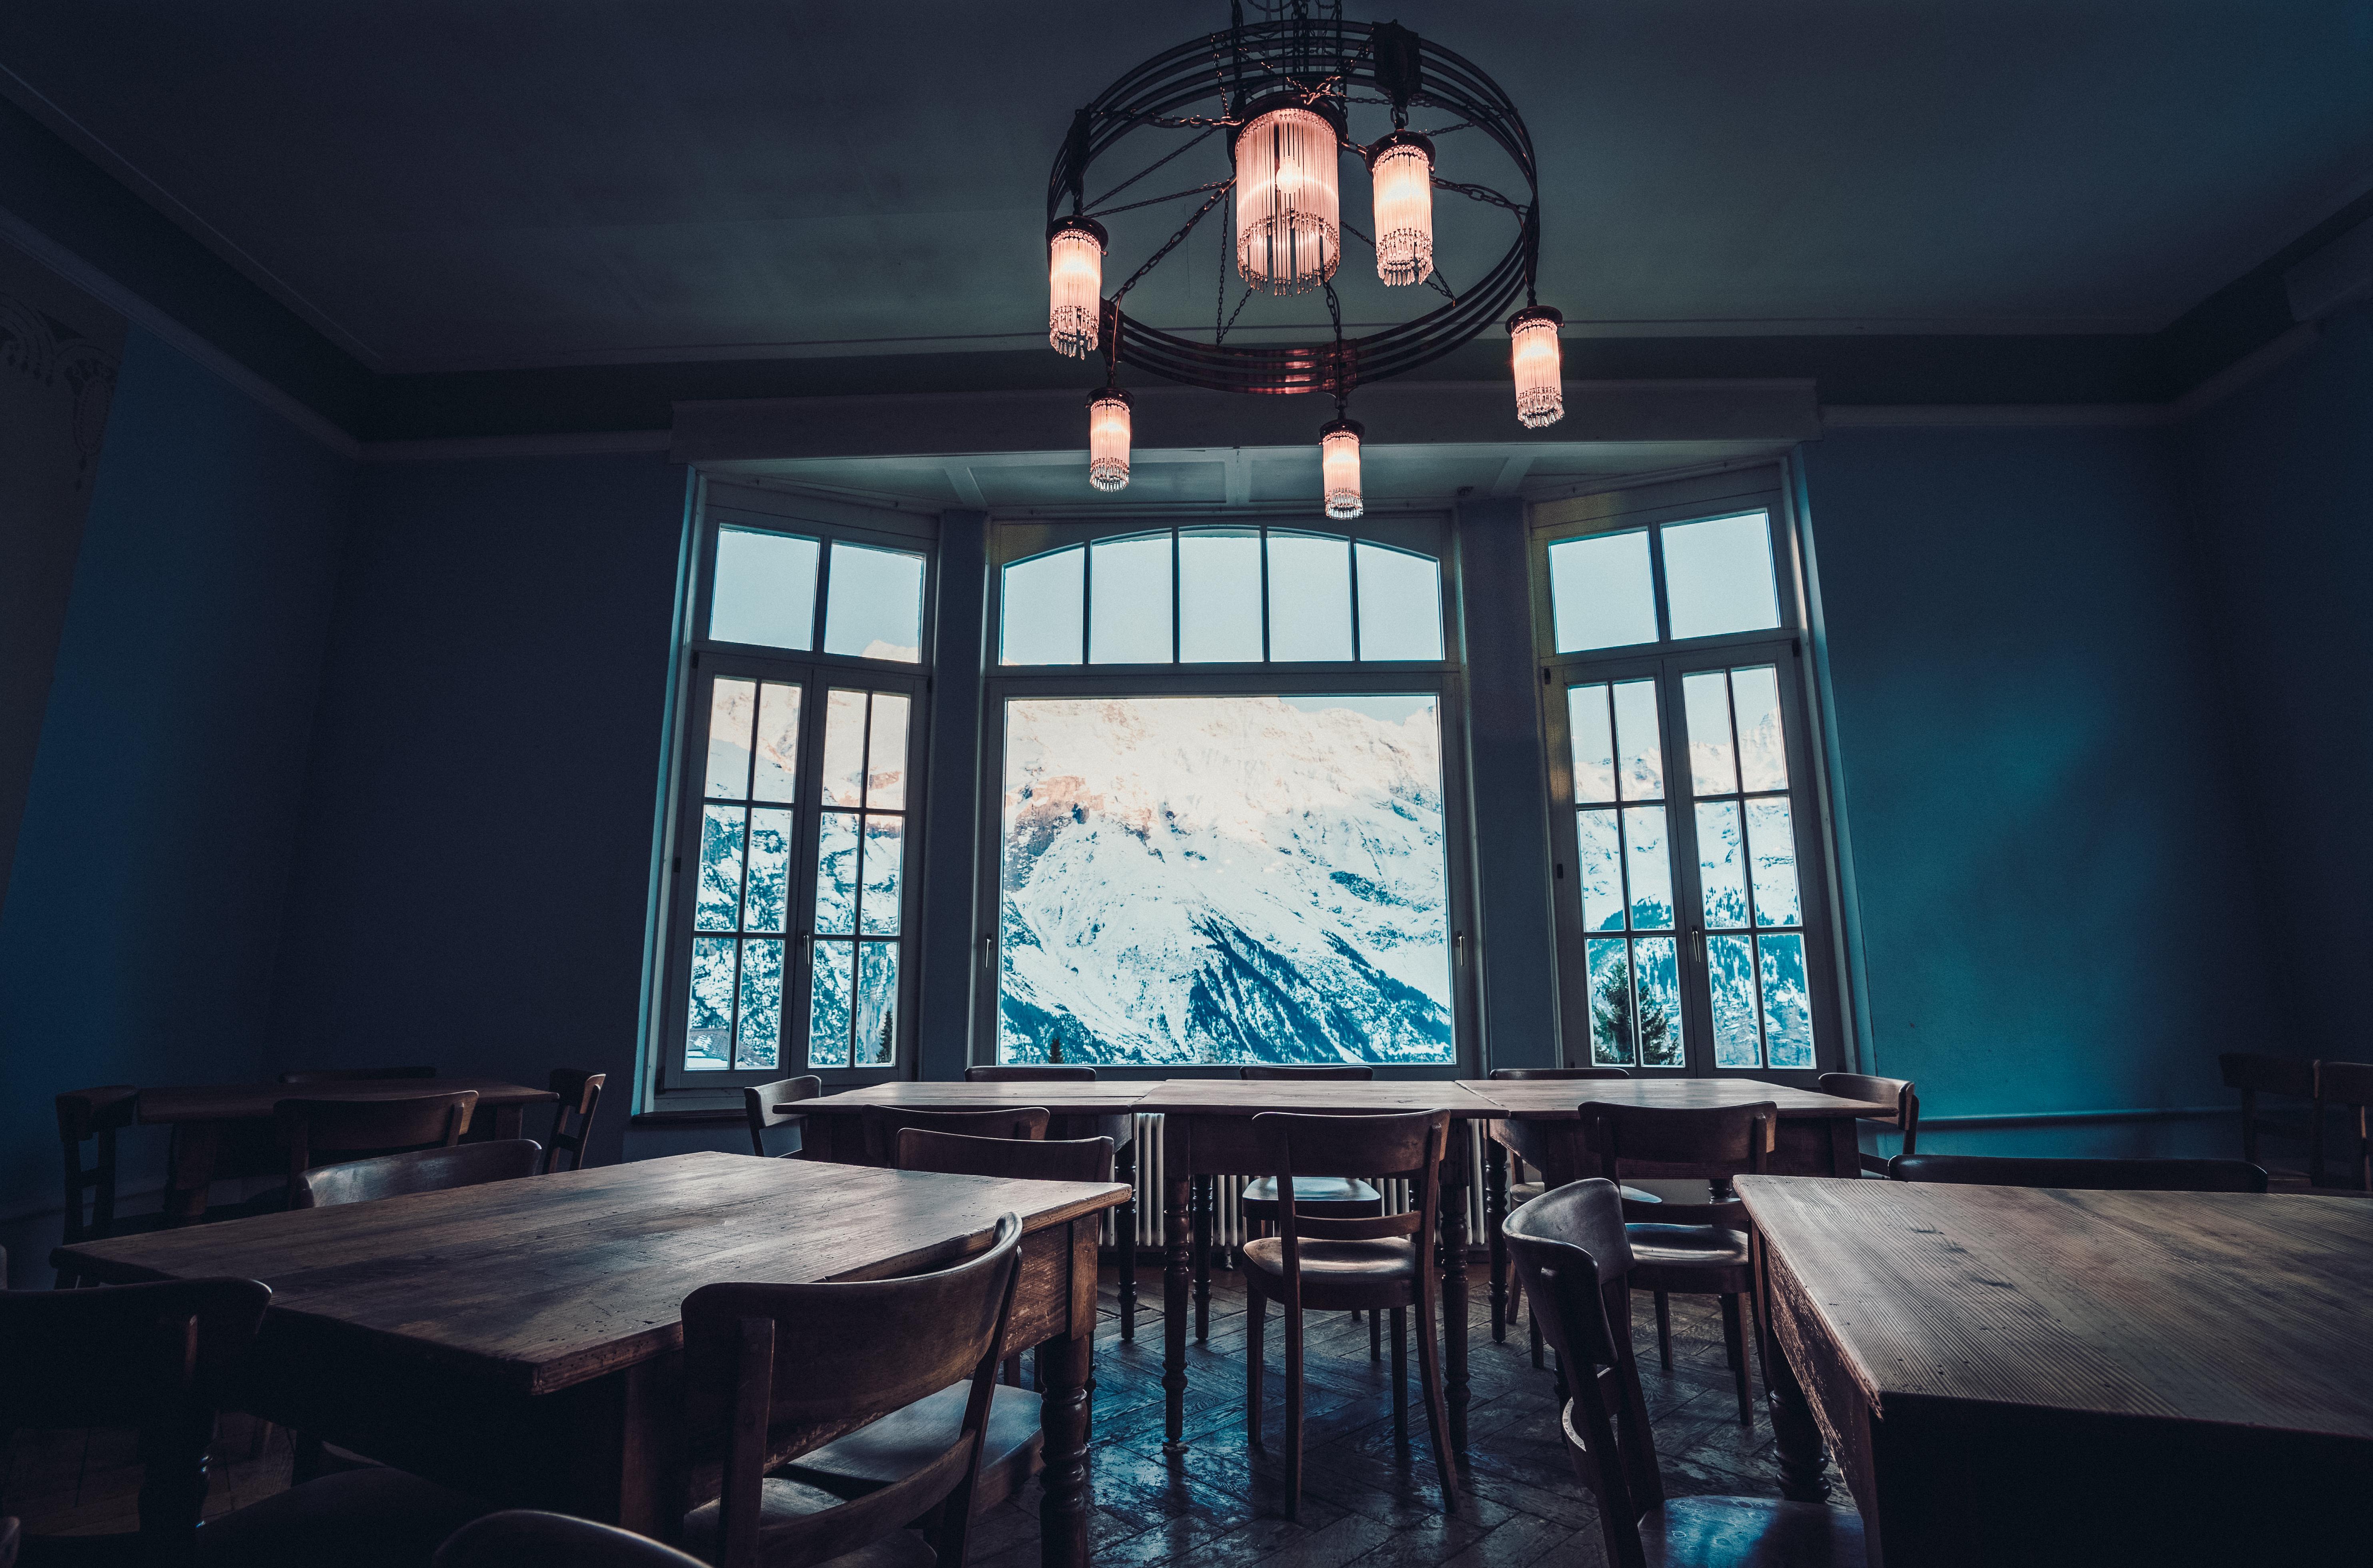 Gratis billeder : hus, vindue, restaurant, hjem, ejendom, blå, stue ...